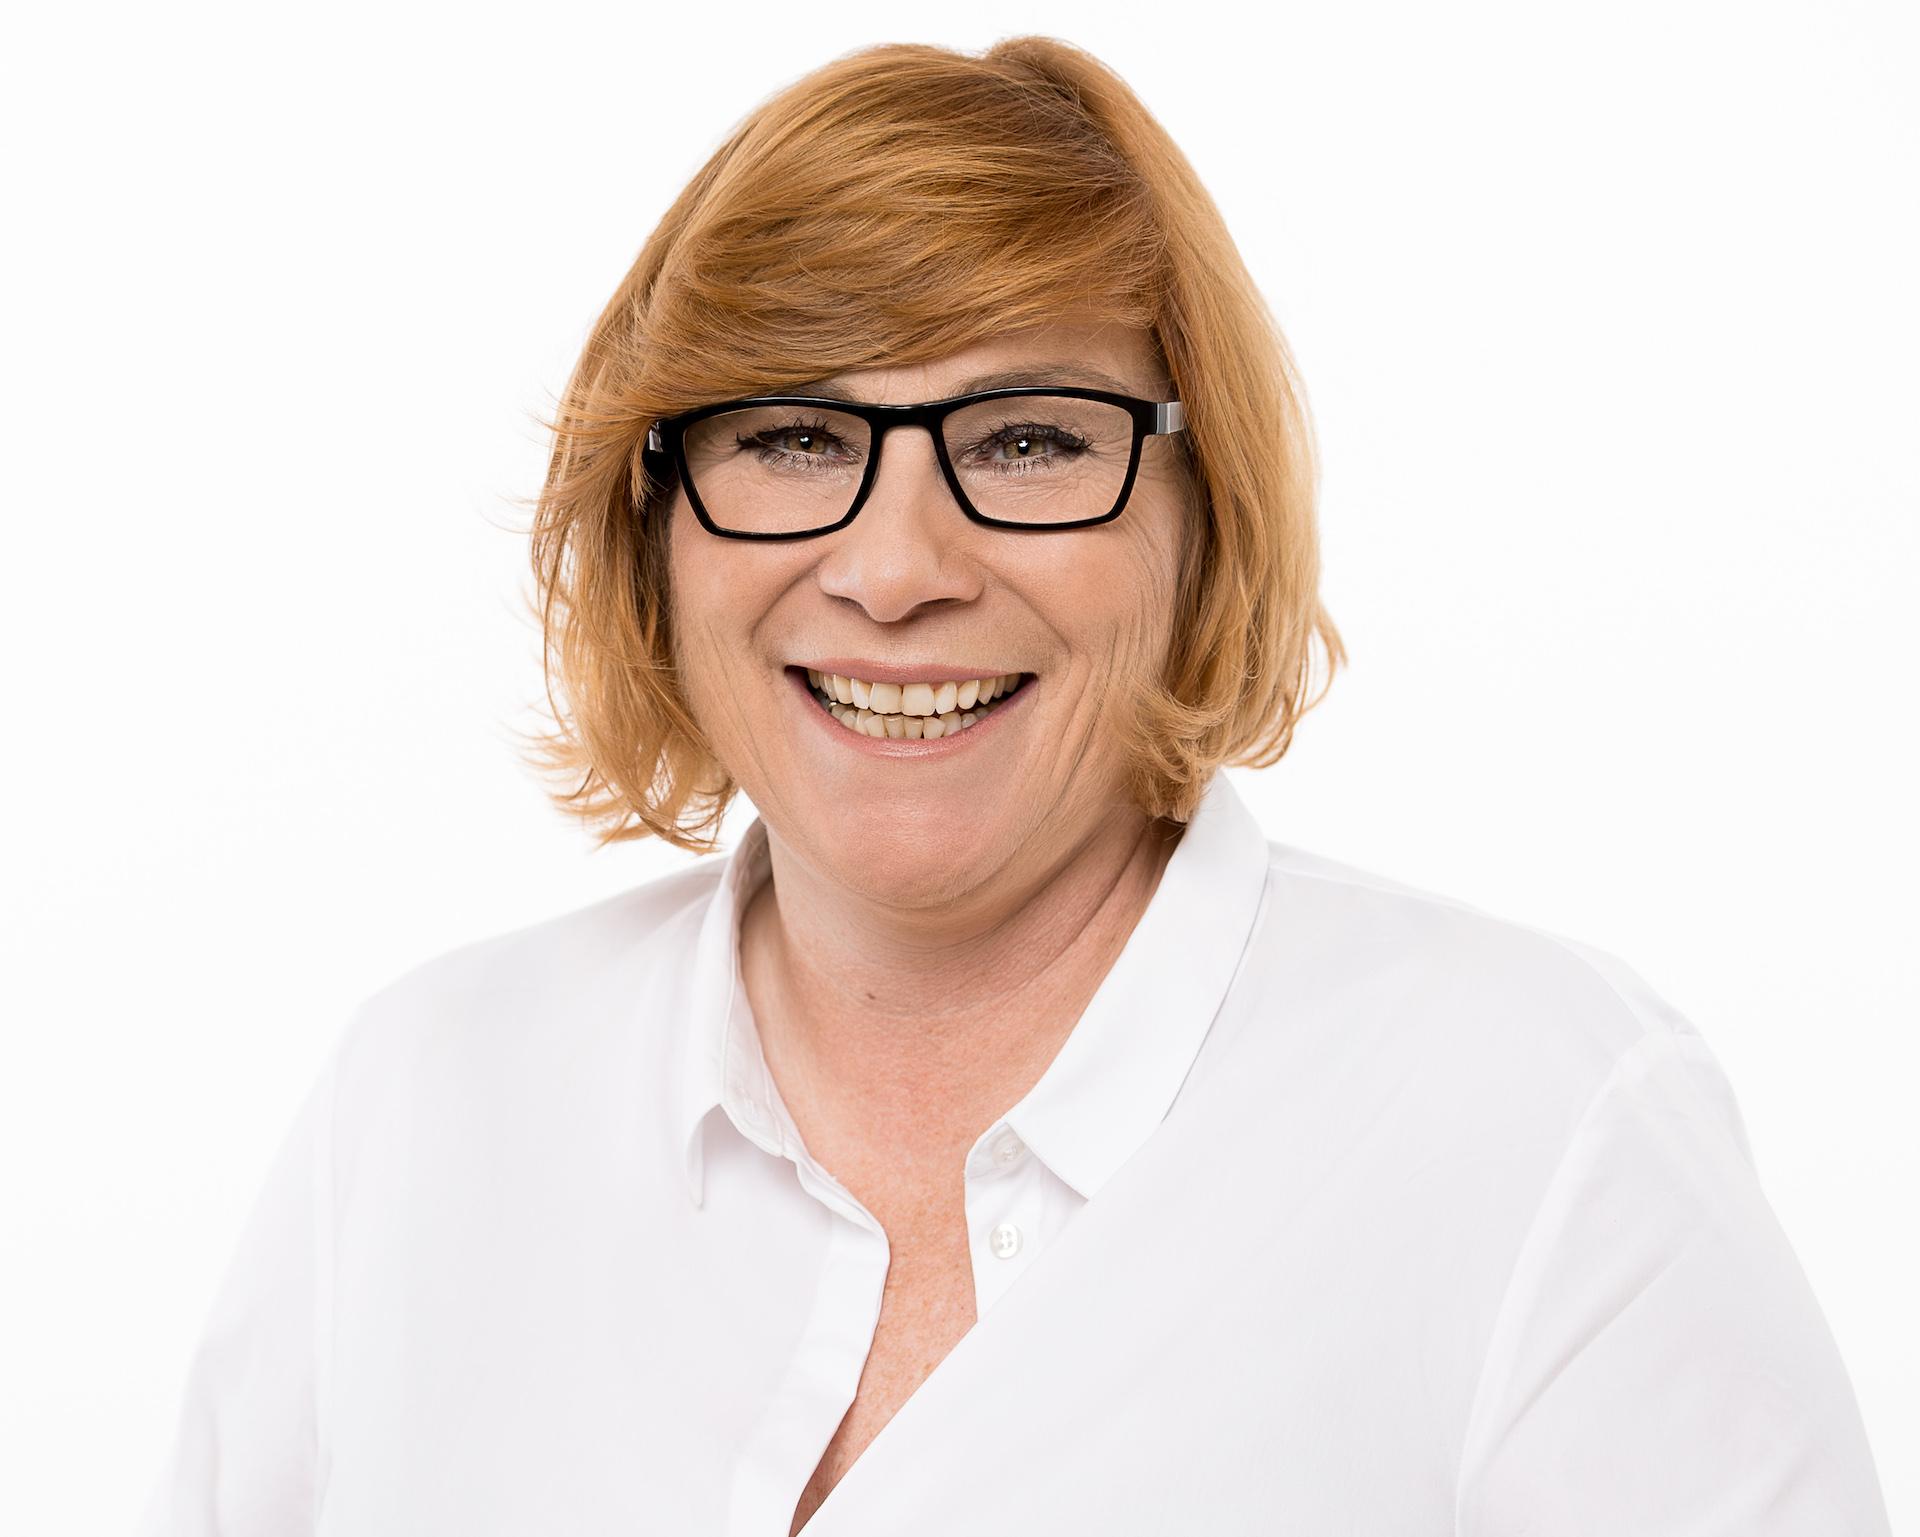 Astrid Oberhummer von Lobster Experience über Old-School-Luxus und den neuen Premium-Tourismus